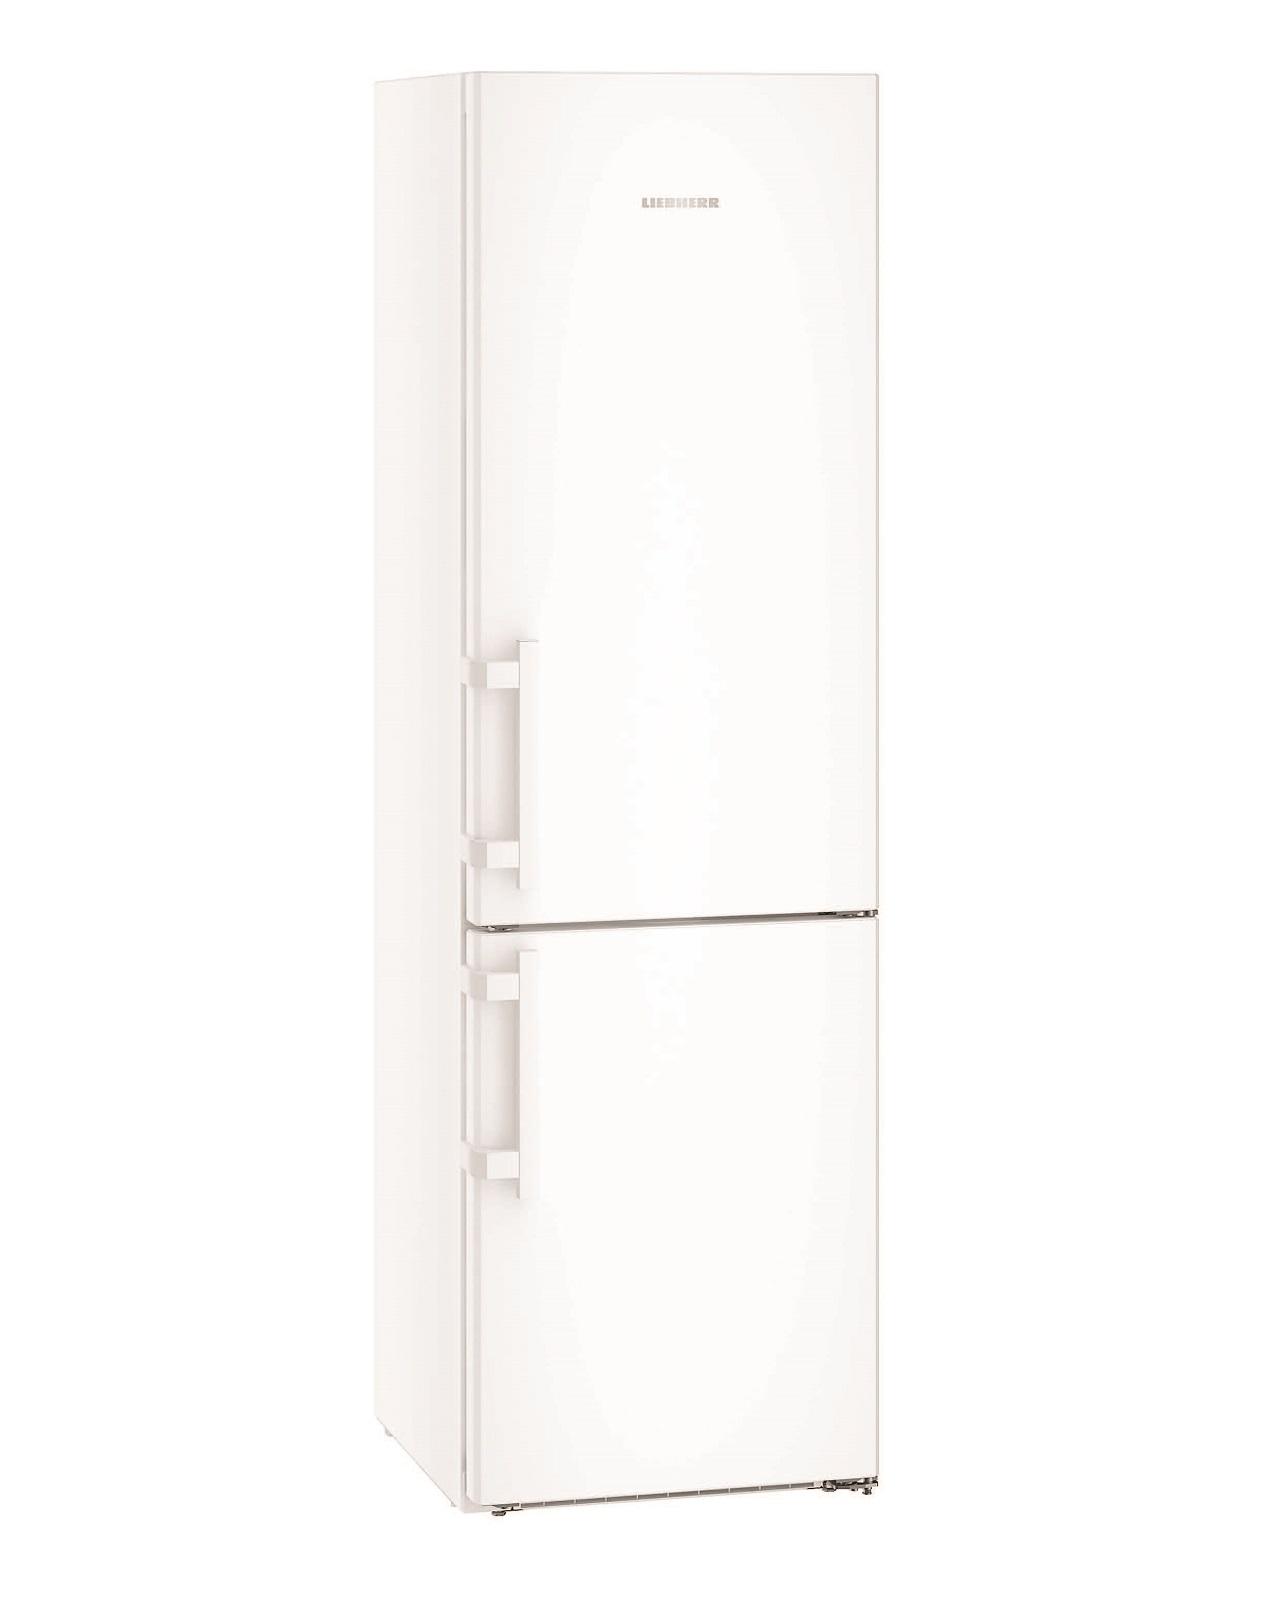 купить Двухкамерный холодильник Liebherr CBN 4835 Украина фото 3